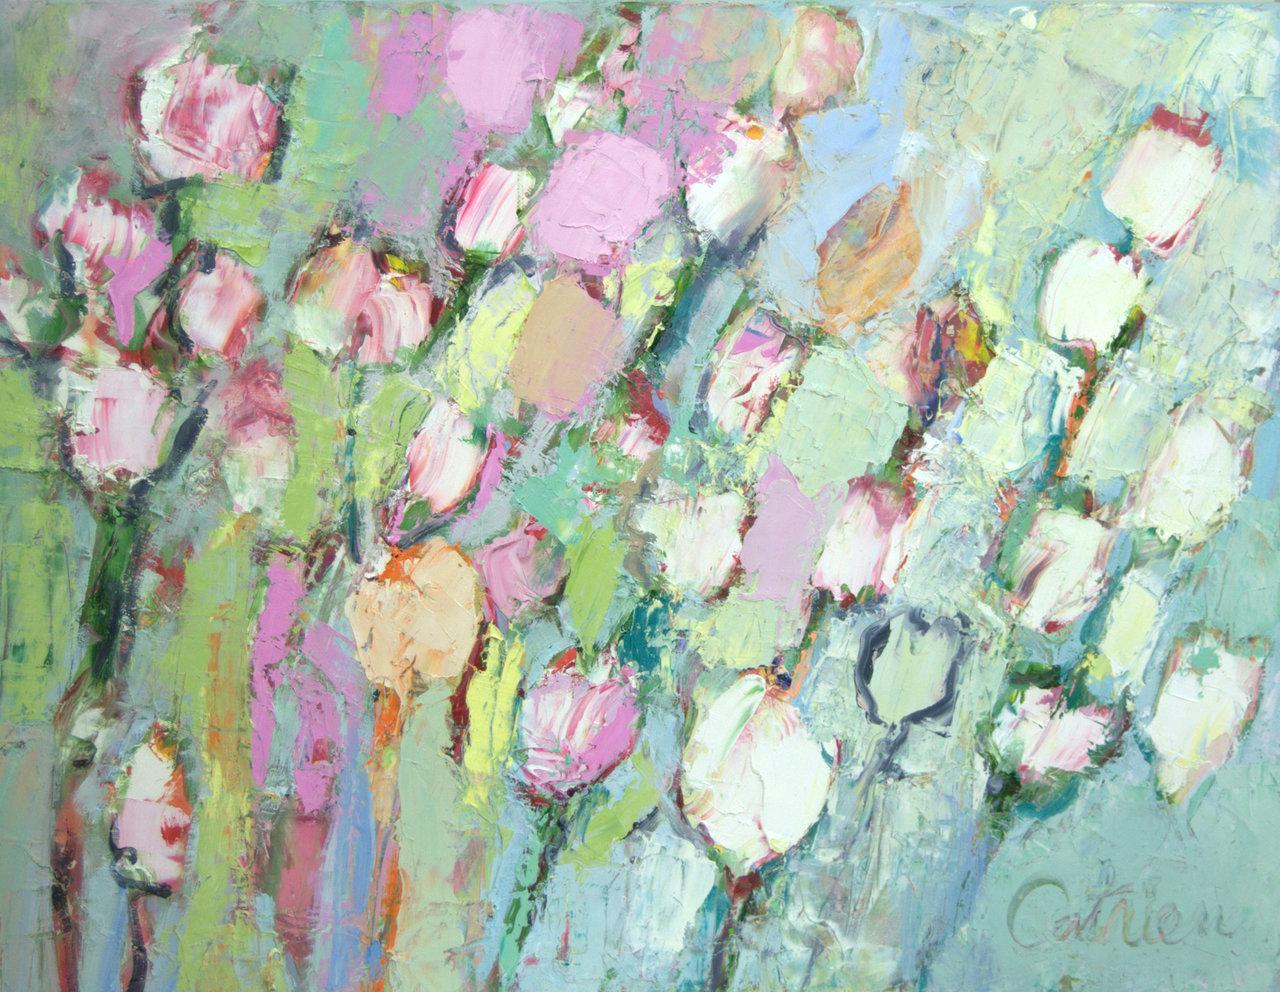 Catrien Art_Schilderij verkocht_Tederheid